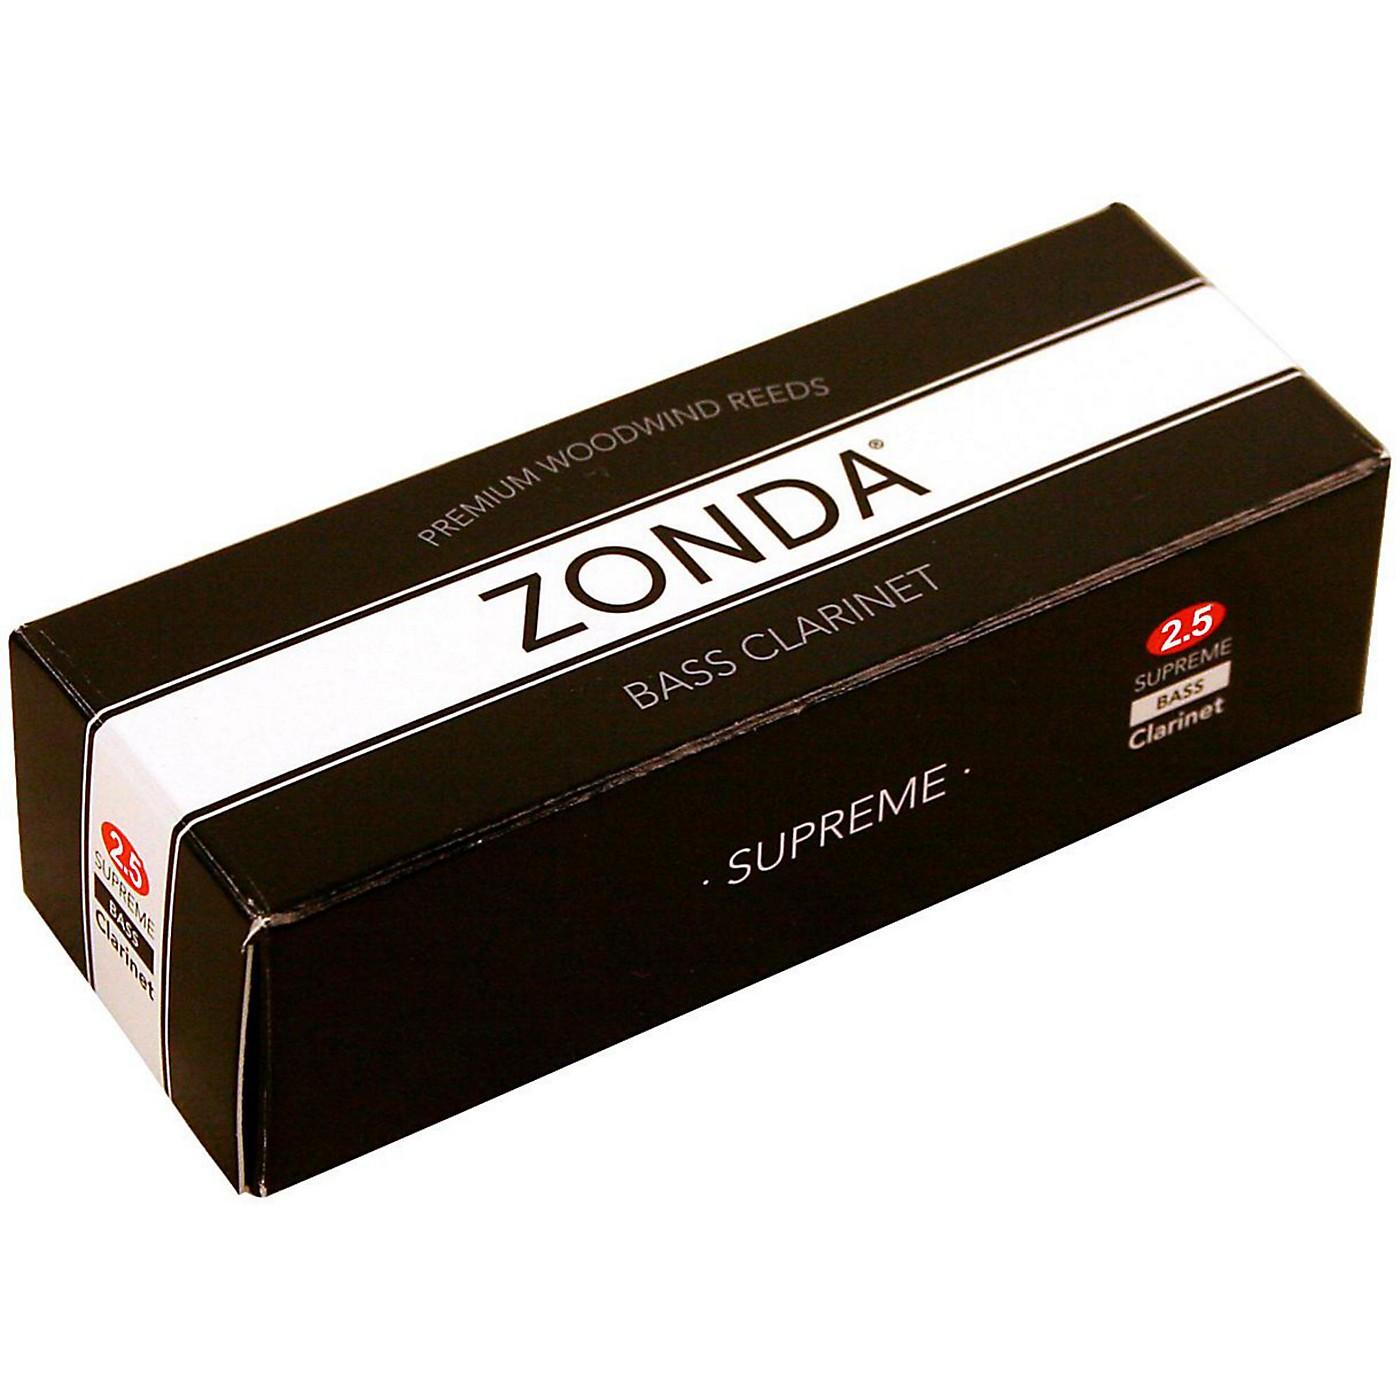 Zonda Supreme Bass Clarinet Reed thumbnail